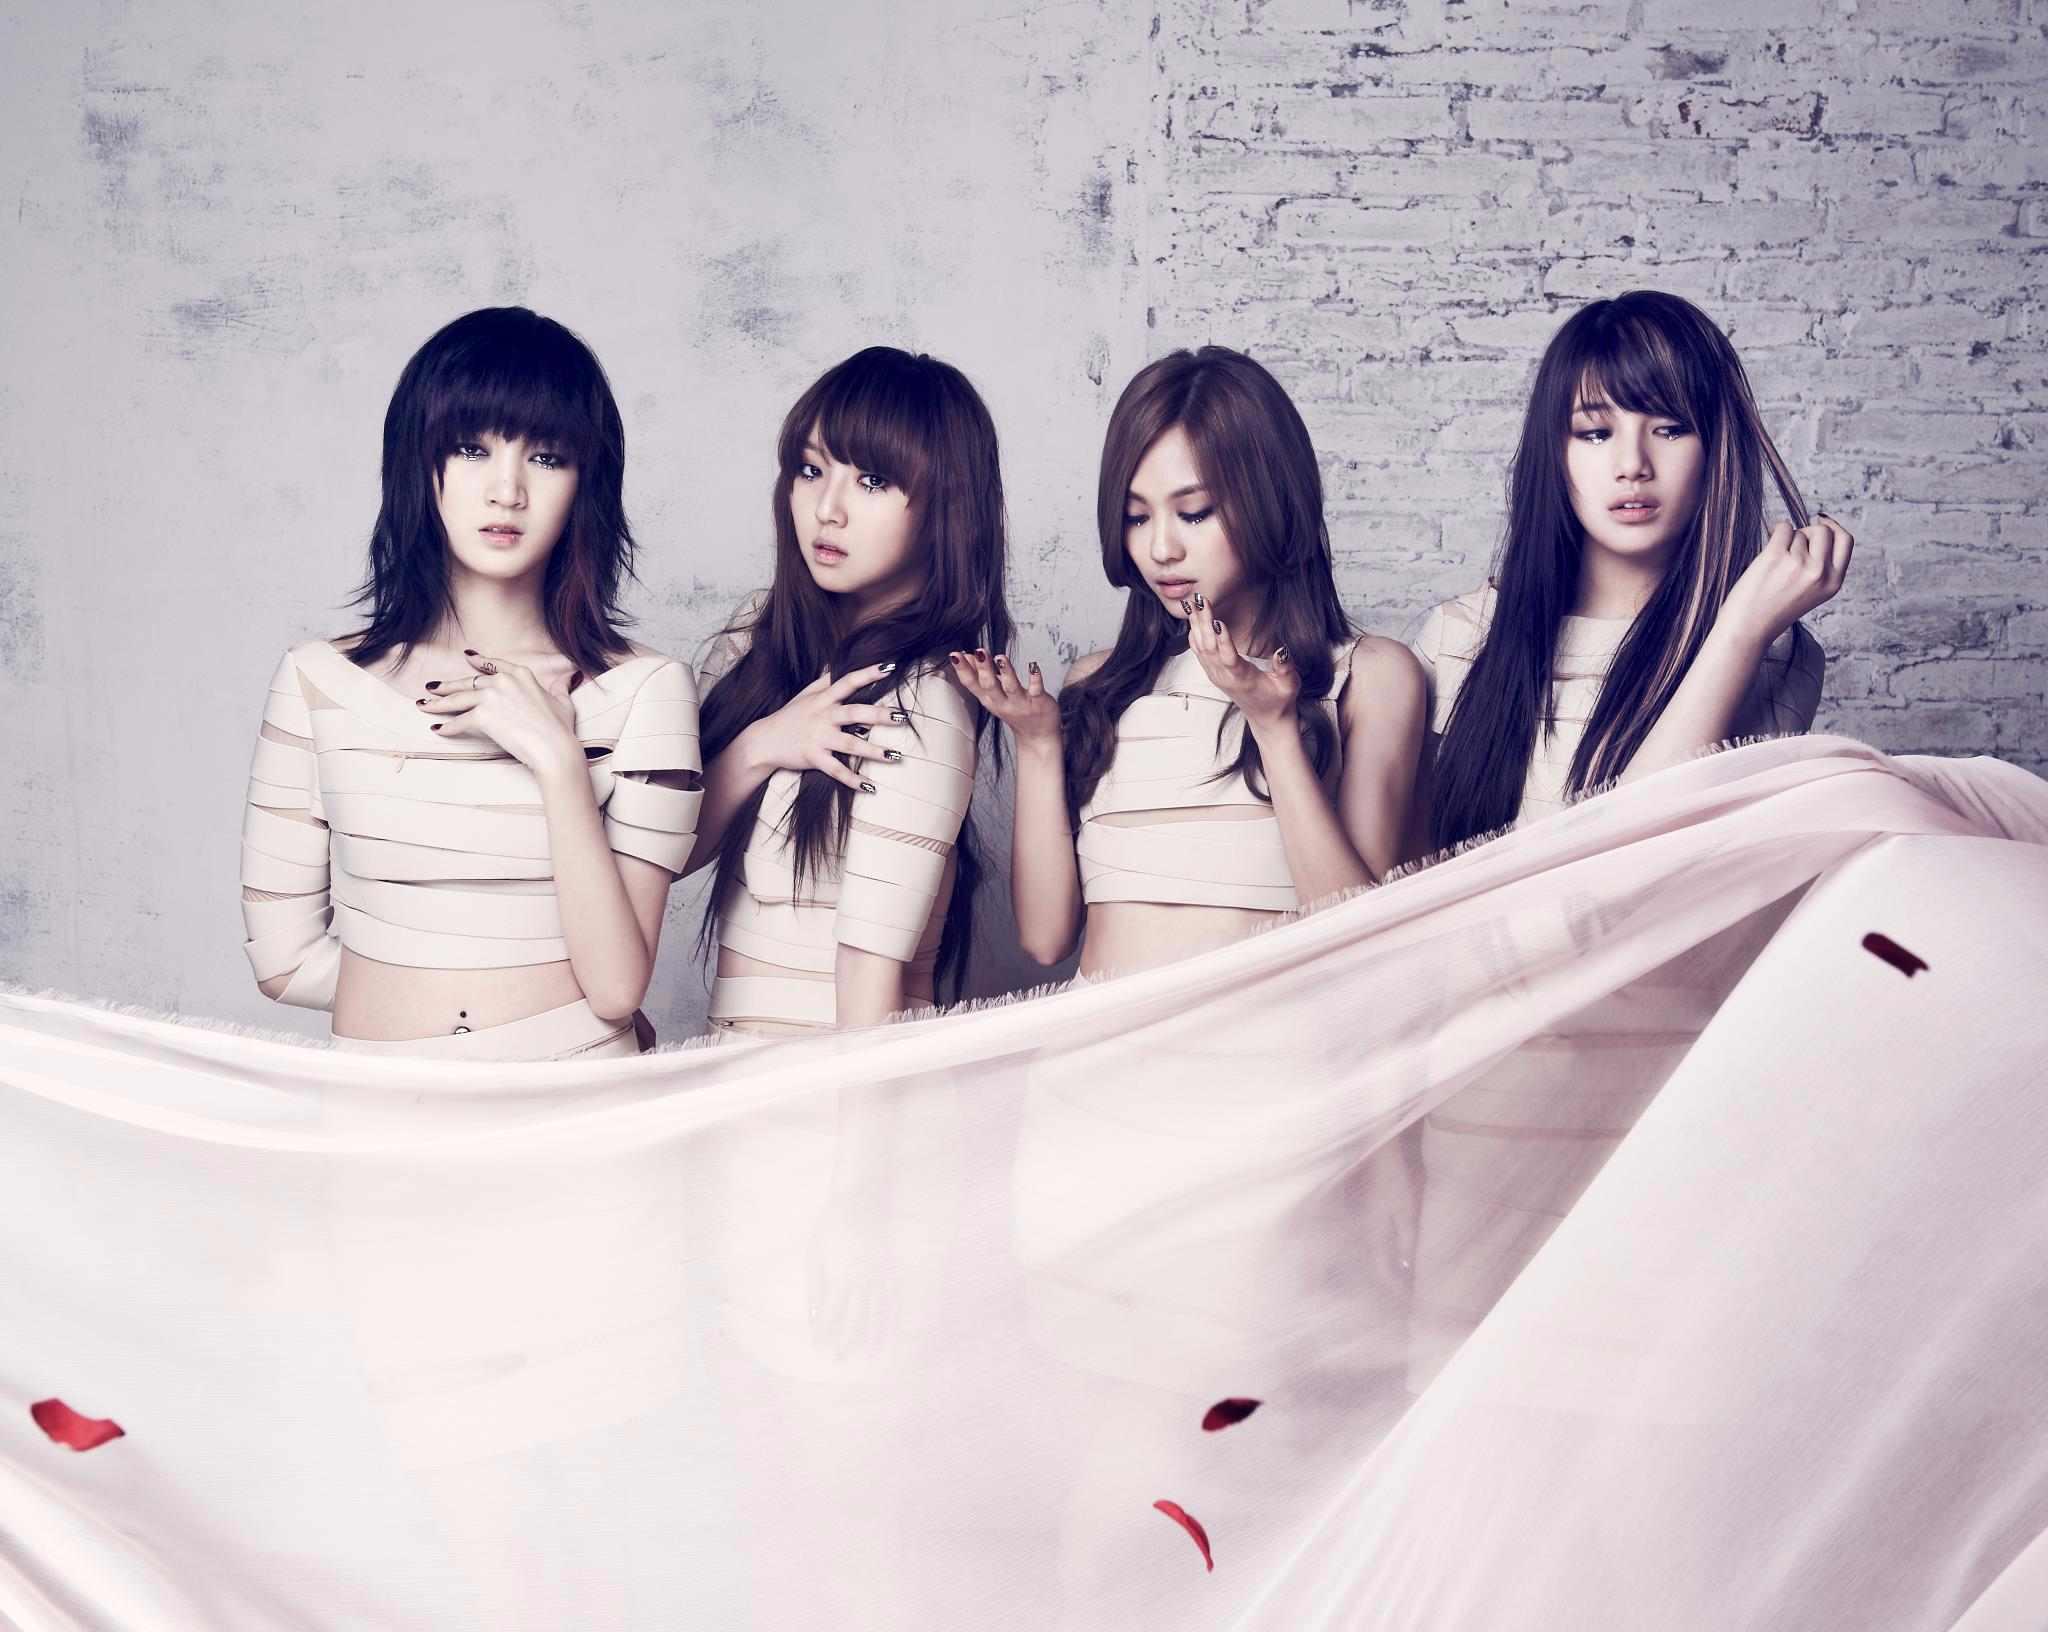 而missA的團體專輯幾乎是兩年前的事了...再加上團員Jia的離團,Fei的個人專輯表現不夠理想,Min現在很少在螢光幕上露臉,也讓部分的「say A」默默地做好心理準備了..